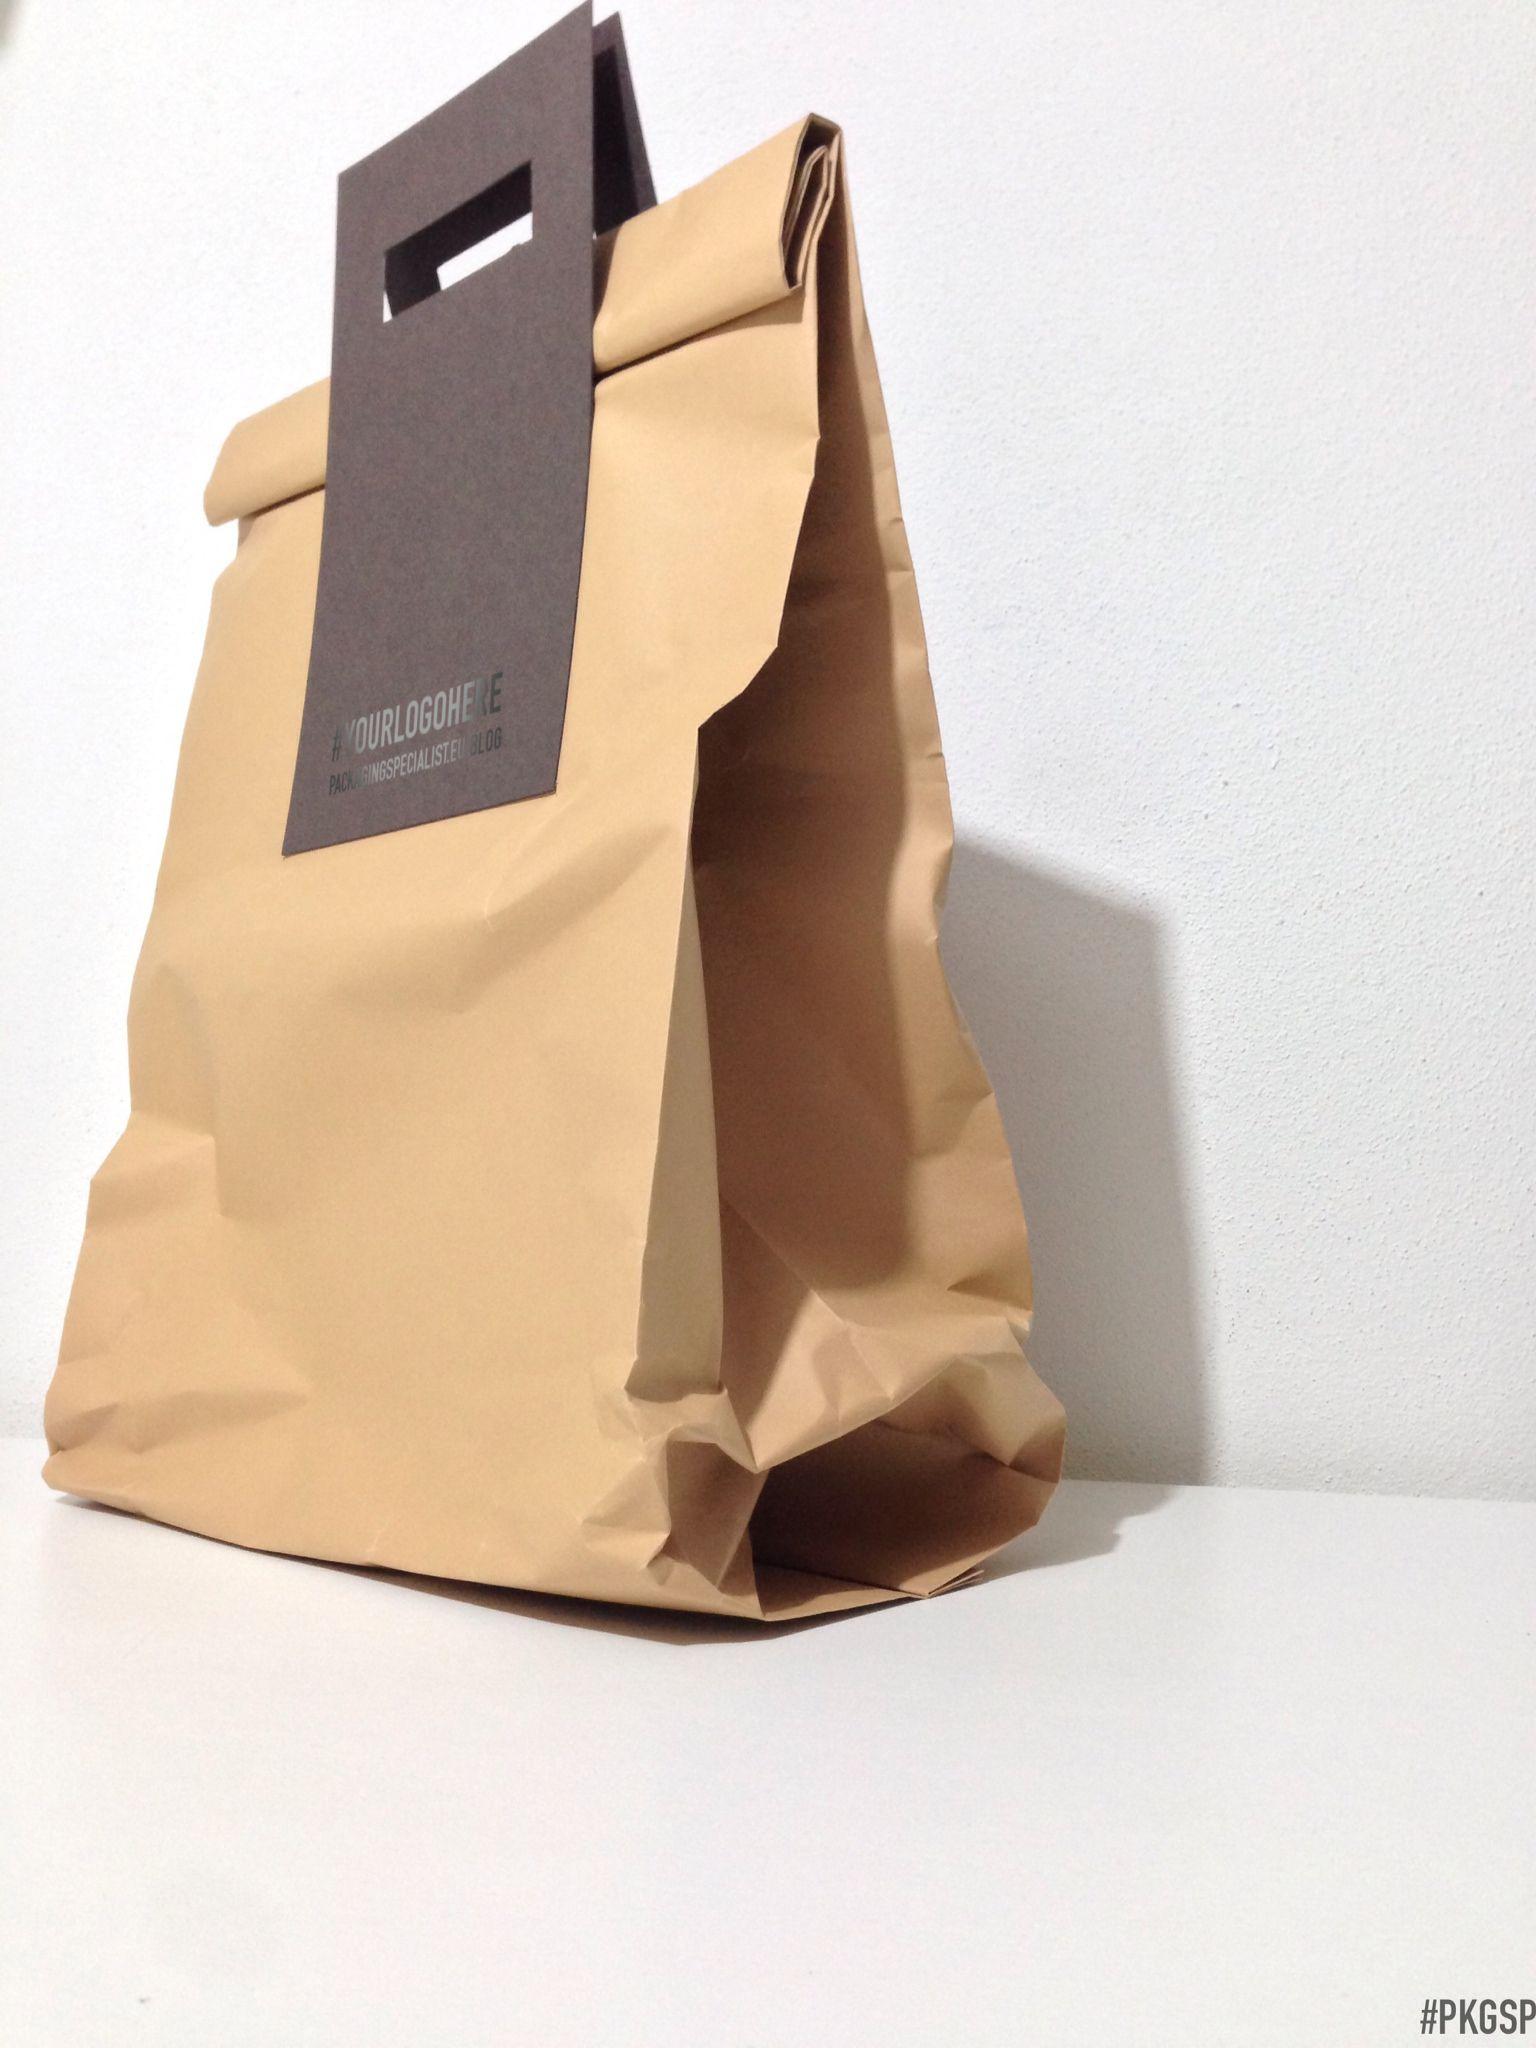 Design packaging packaging specialist packaging - Saccone Bruno Pkgsp Packaging Specialist Kraft Packaging Kraft Bags